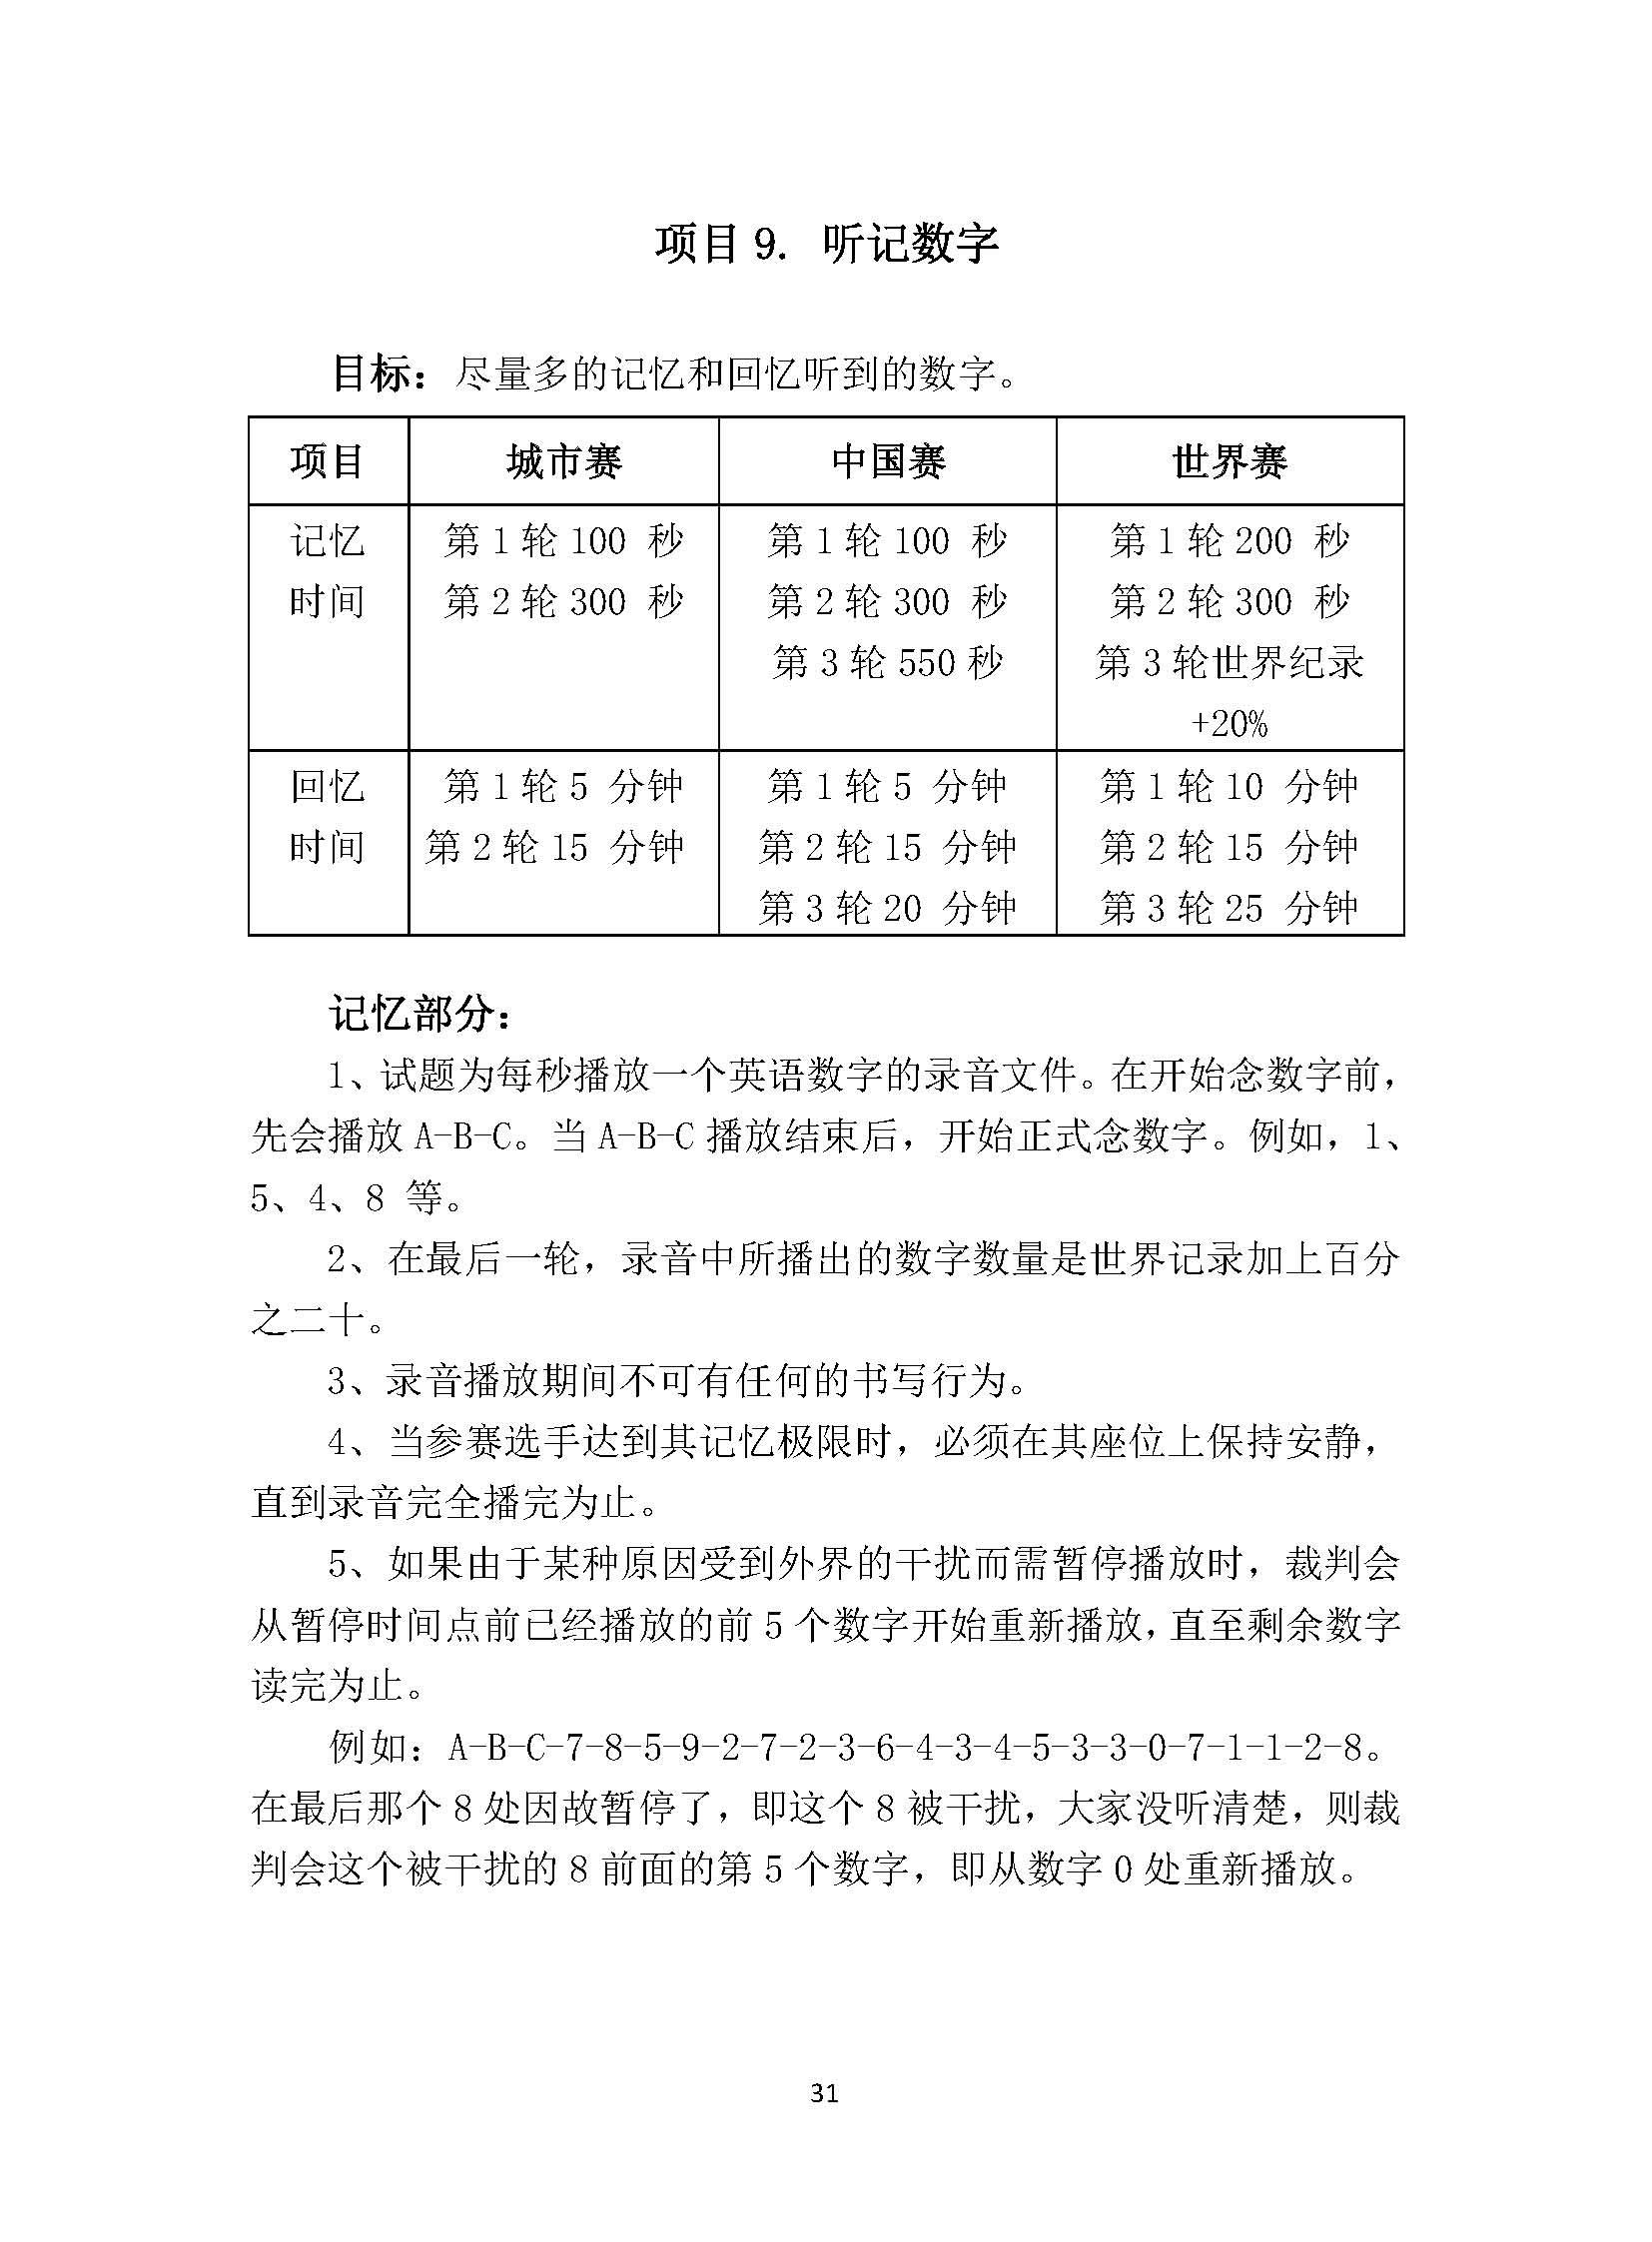 2019WMC选手训练手册-十大项目规则_页面_31